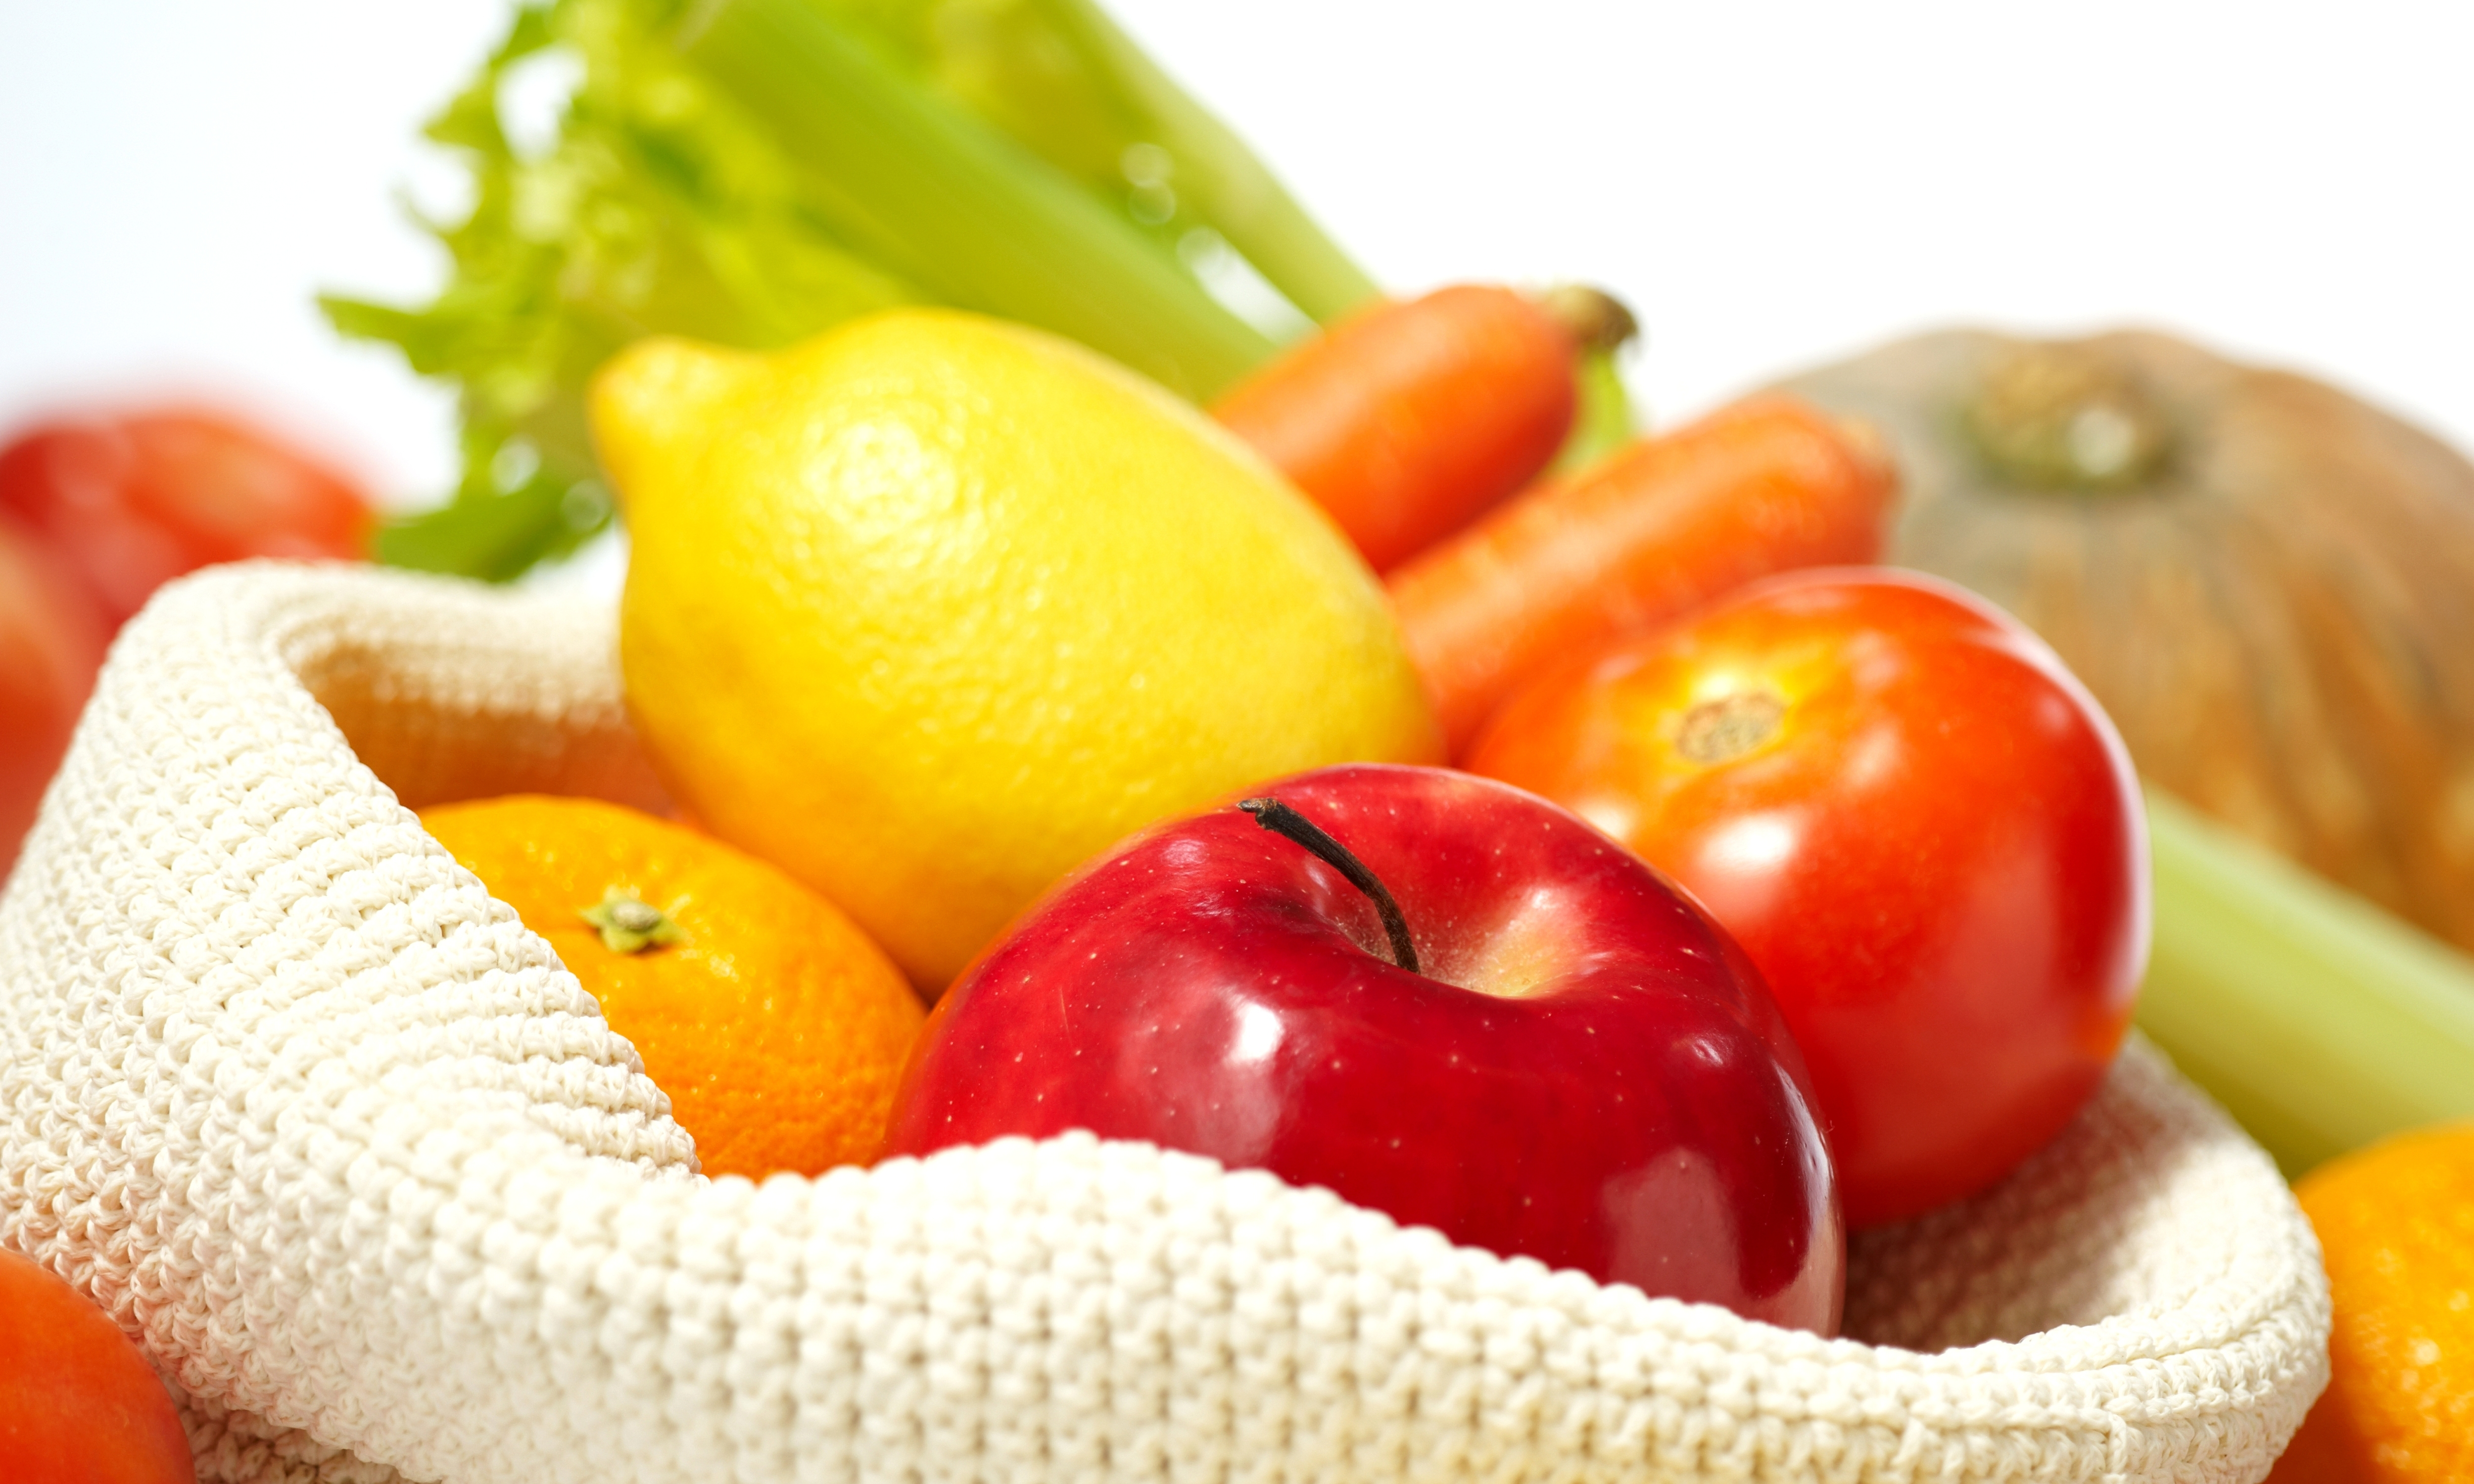 сок яблоки цитрусы помидоры  № 2265278 бесплатно